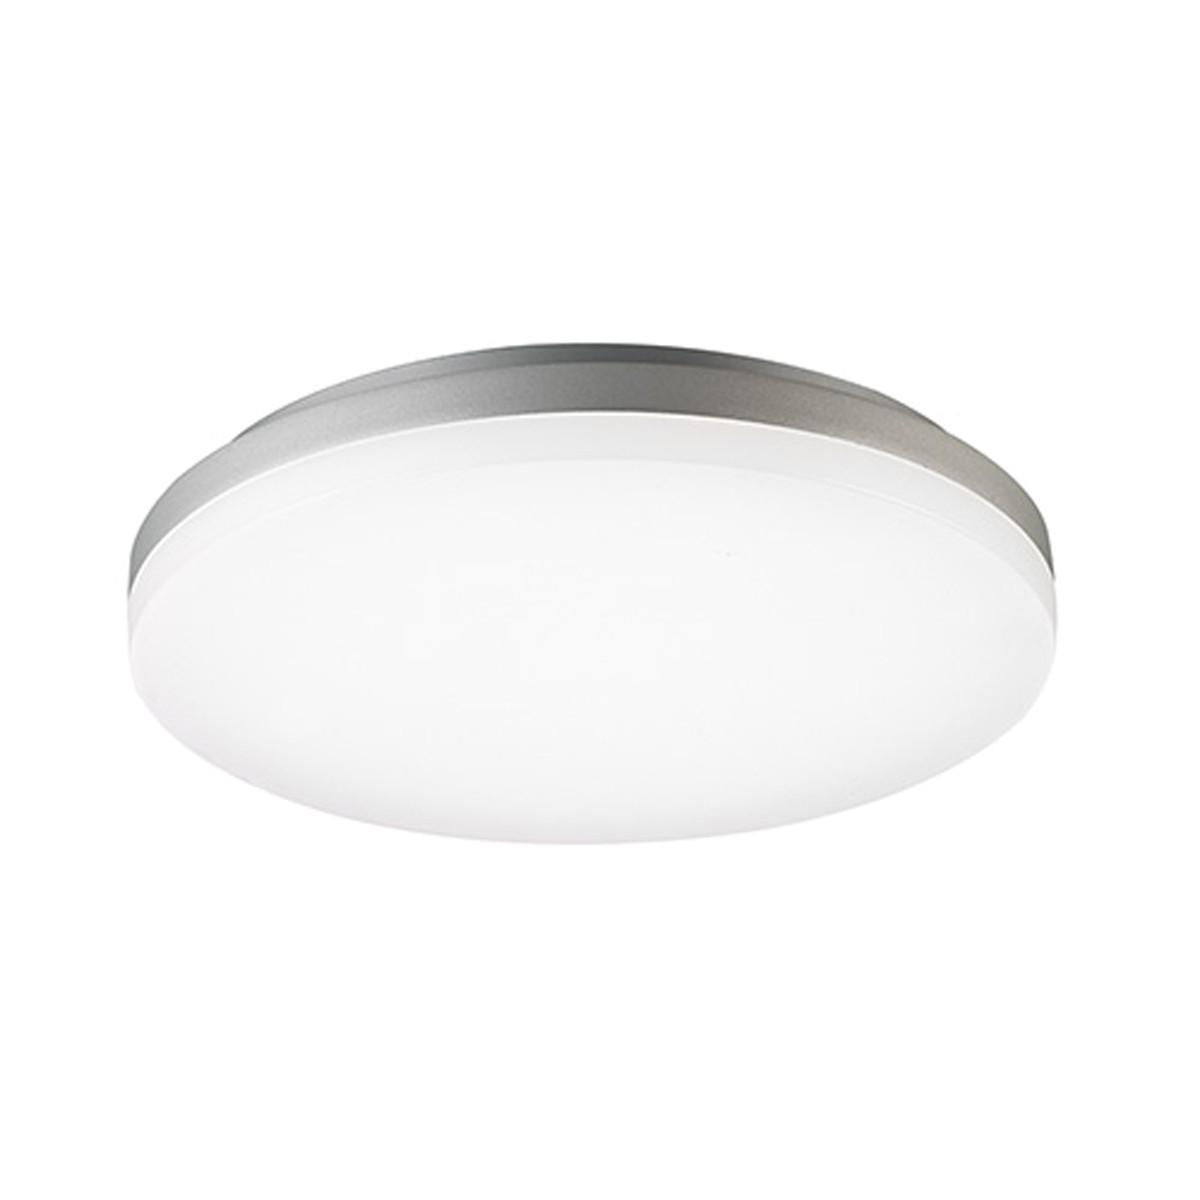 Sigor Circel LED Deckenleuchte, Ø: 40 cm, 3000 K, Silber